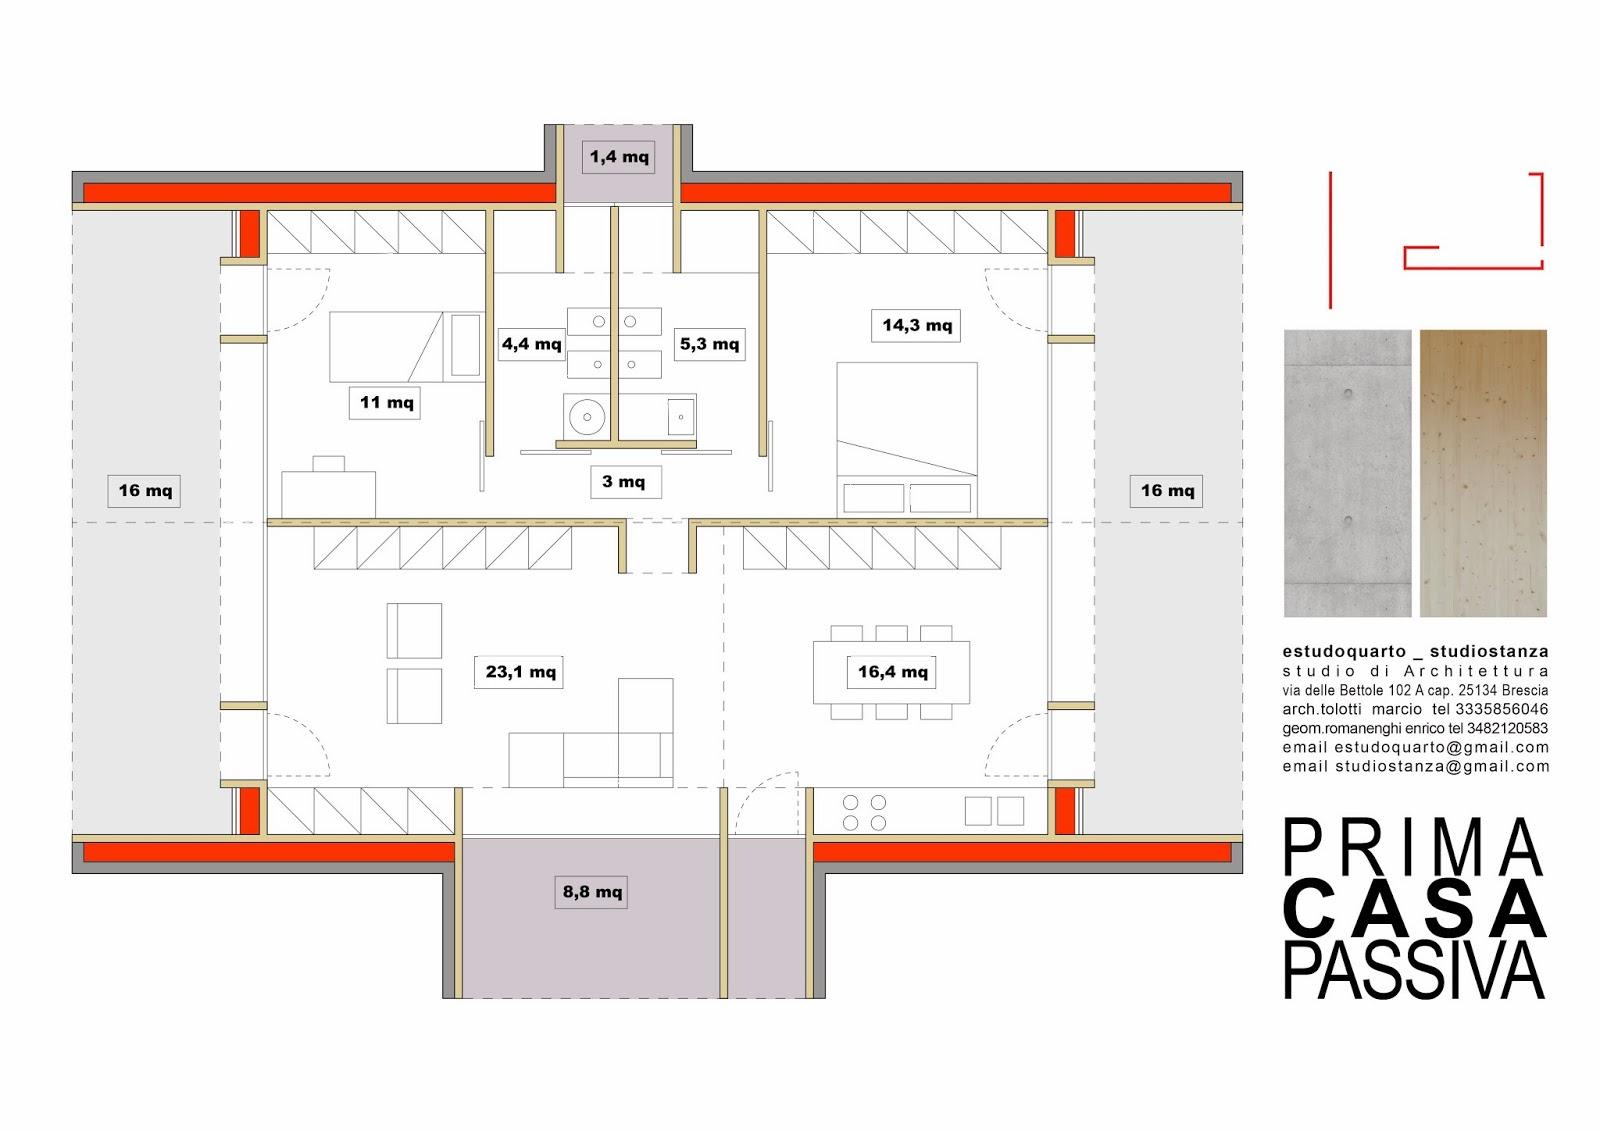 Prima casa passiva studio di architettura a verona case for Piani di costruzione di magazzino